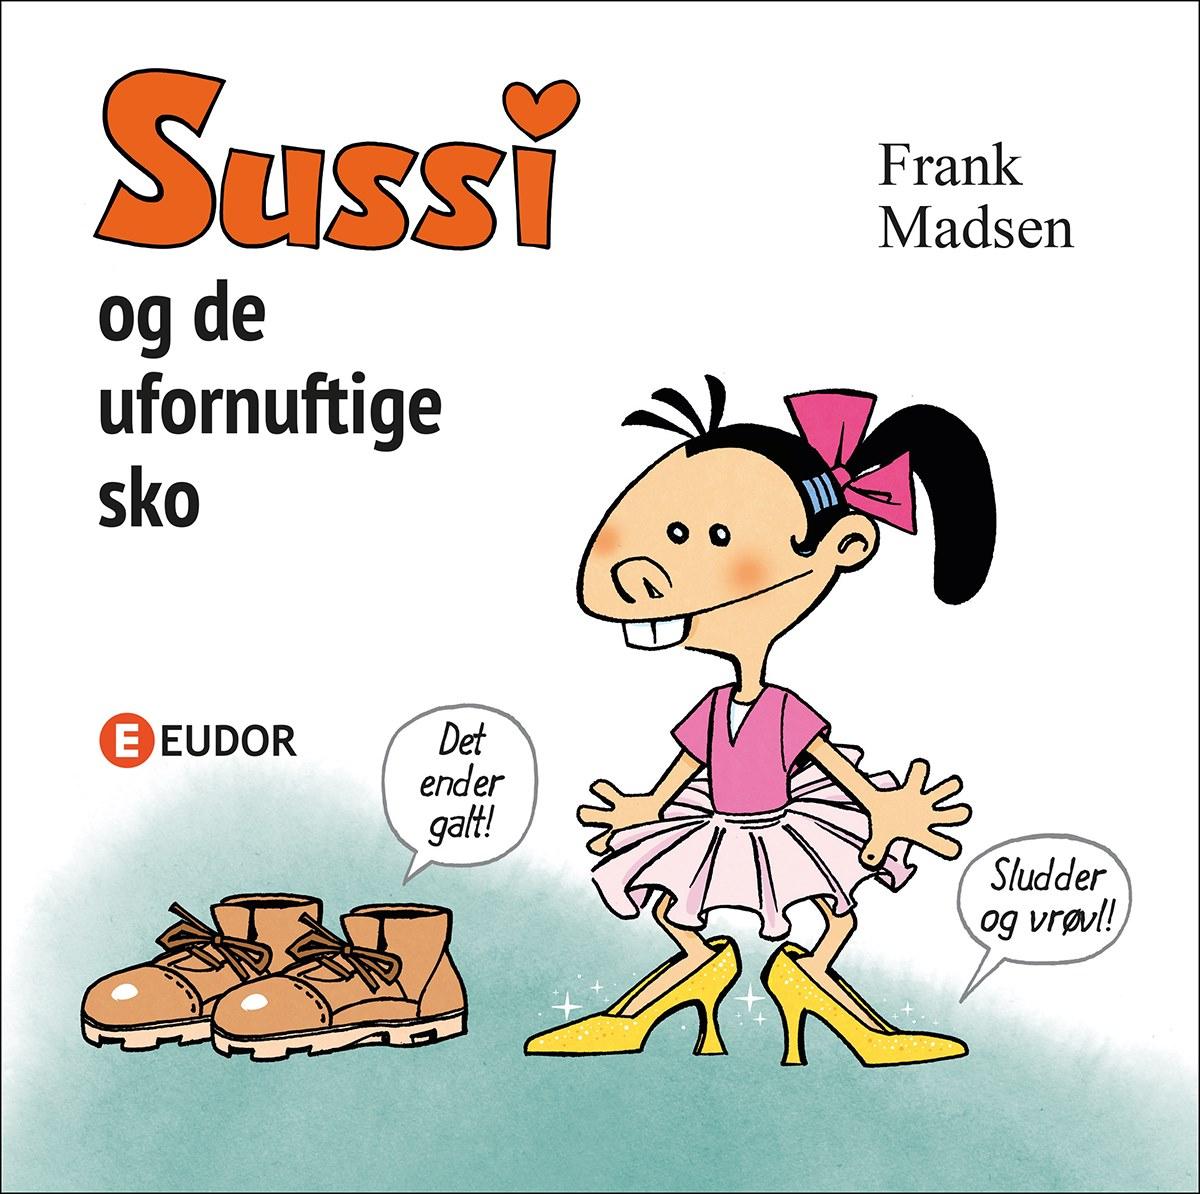 Billedbog for børn Sussi og de ufornuftige sko